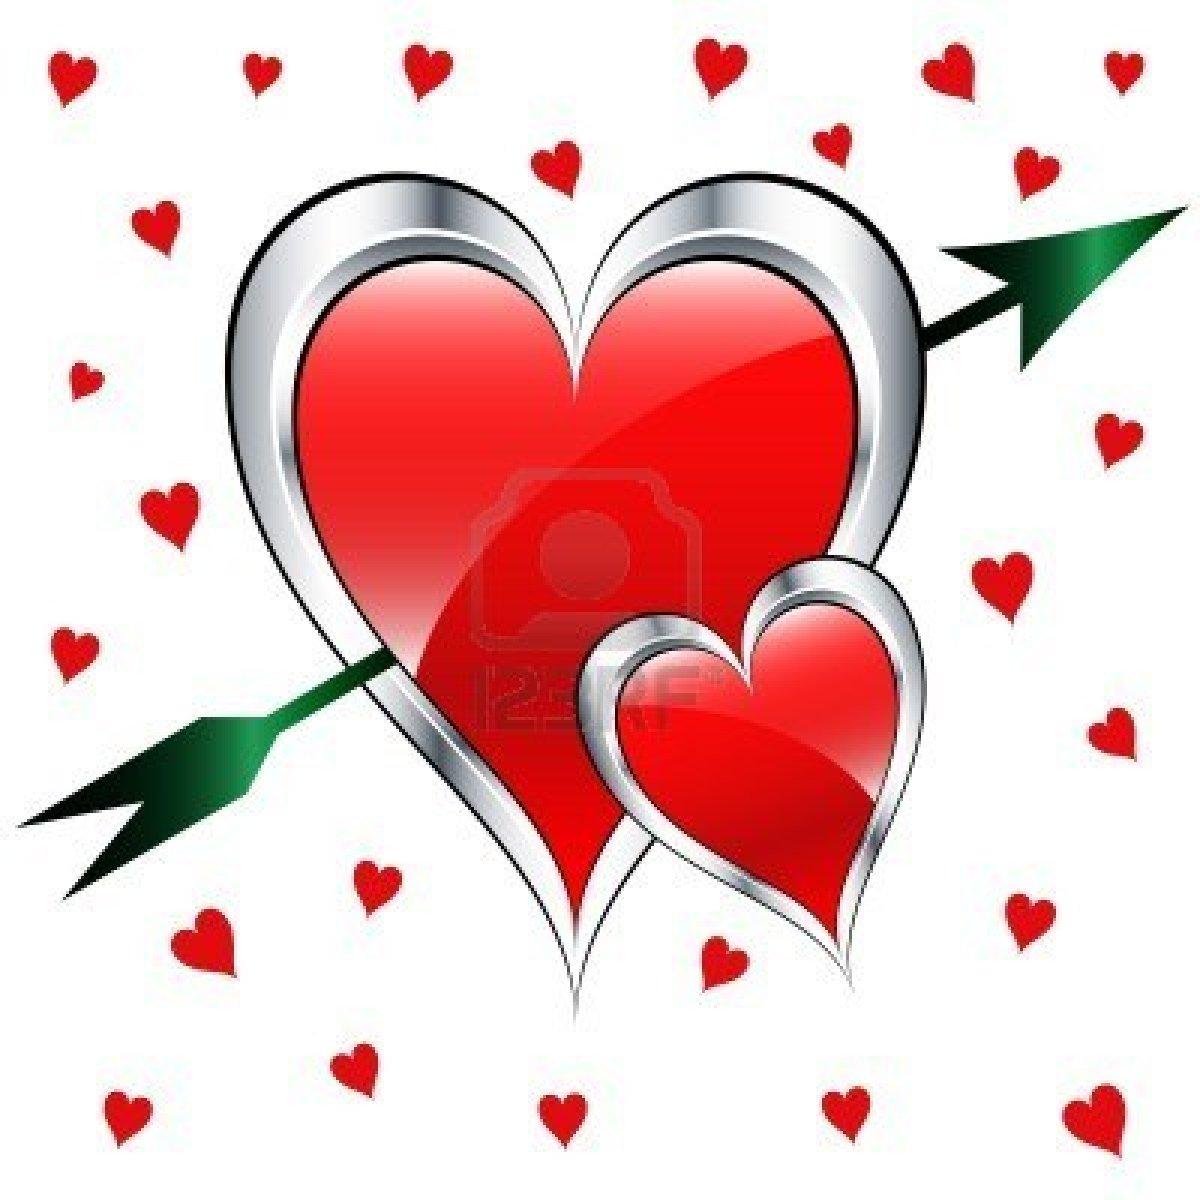 Frases bonitas de amor y poemas de amor lindos para